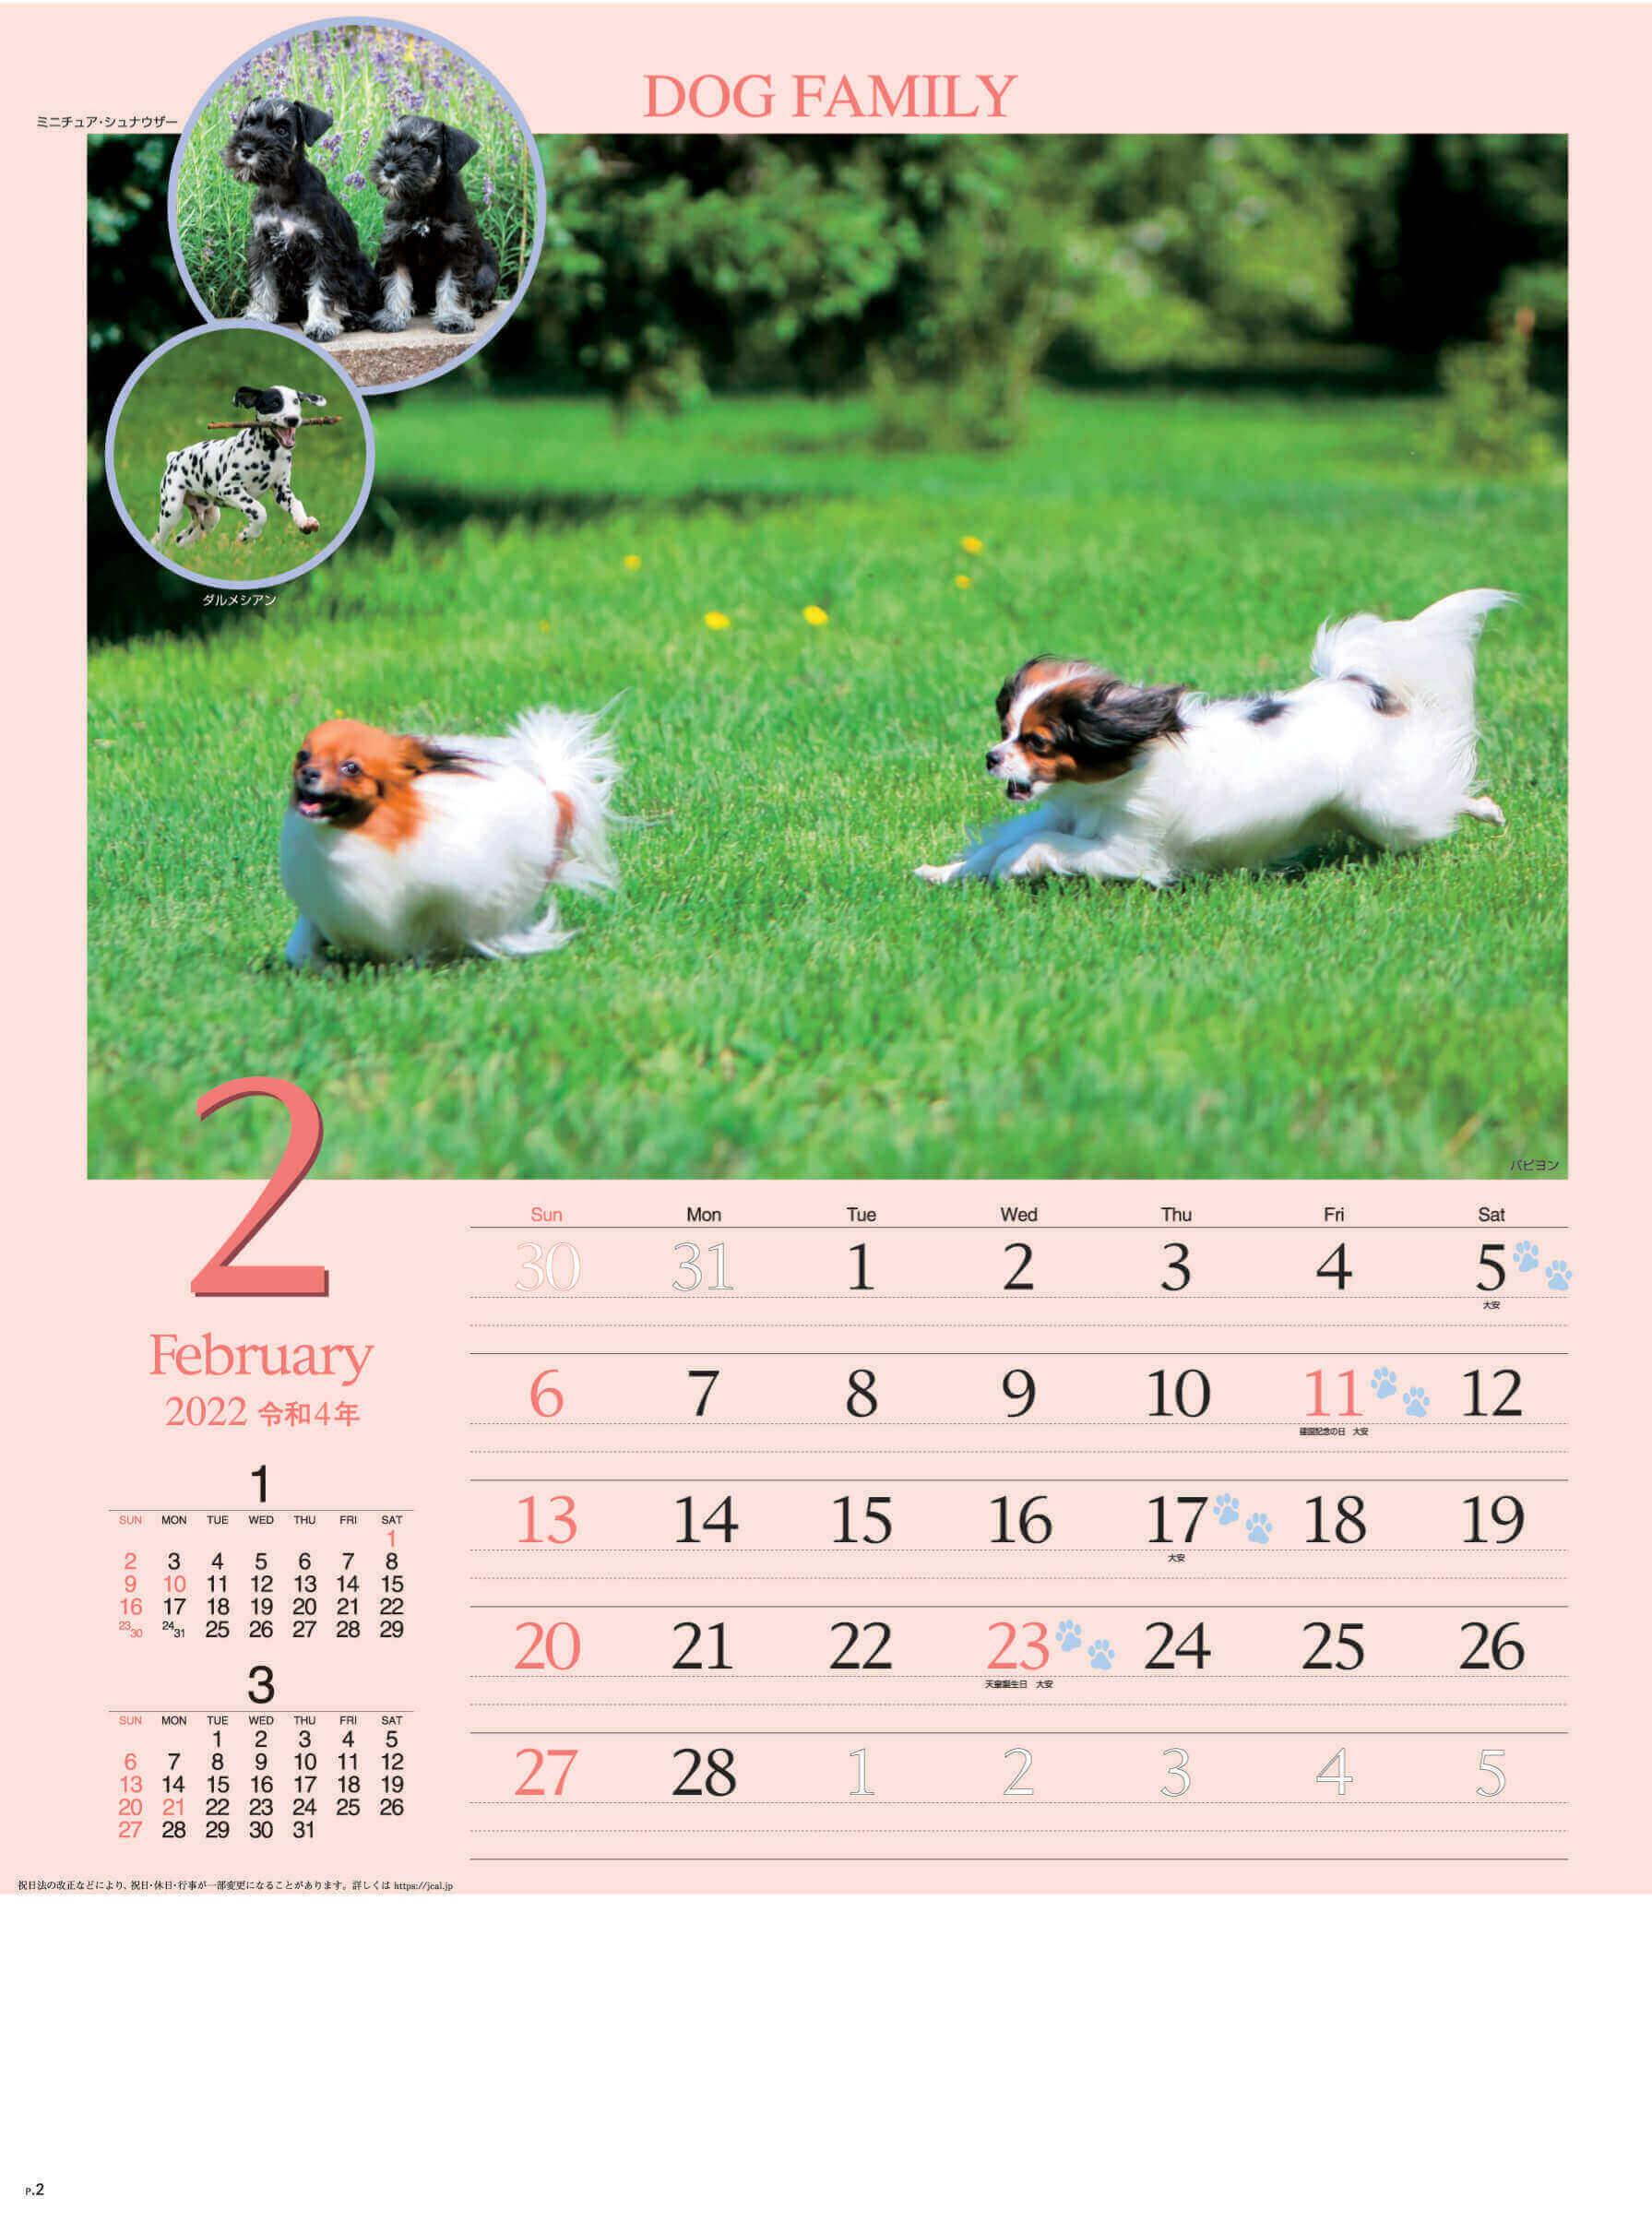 2月 パピヨン ドッグファミリー 2022年カレンダーの画像